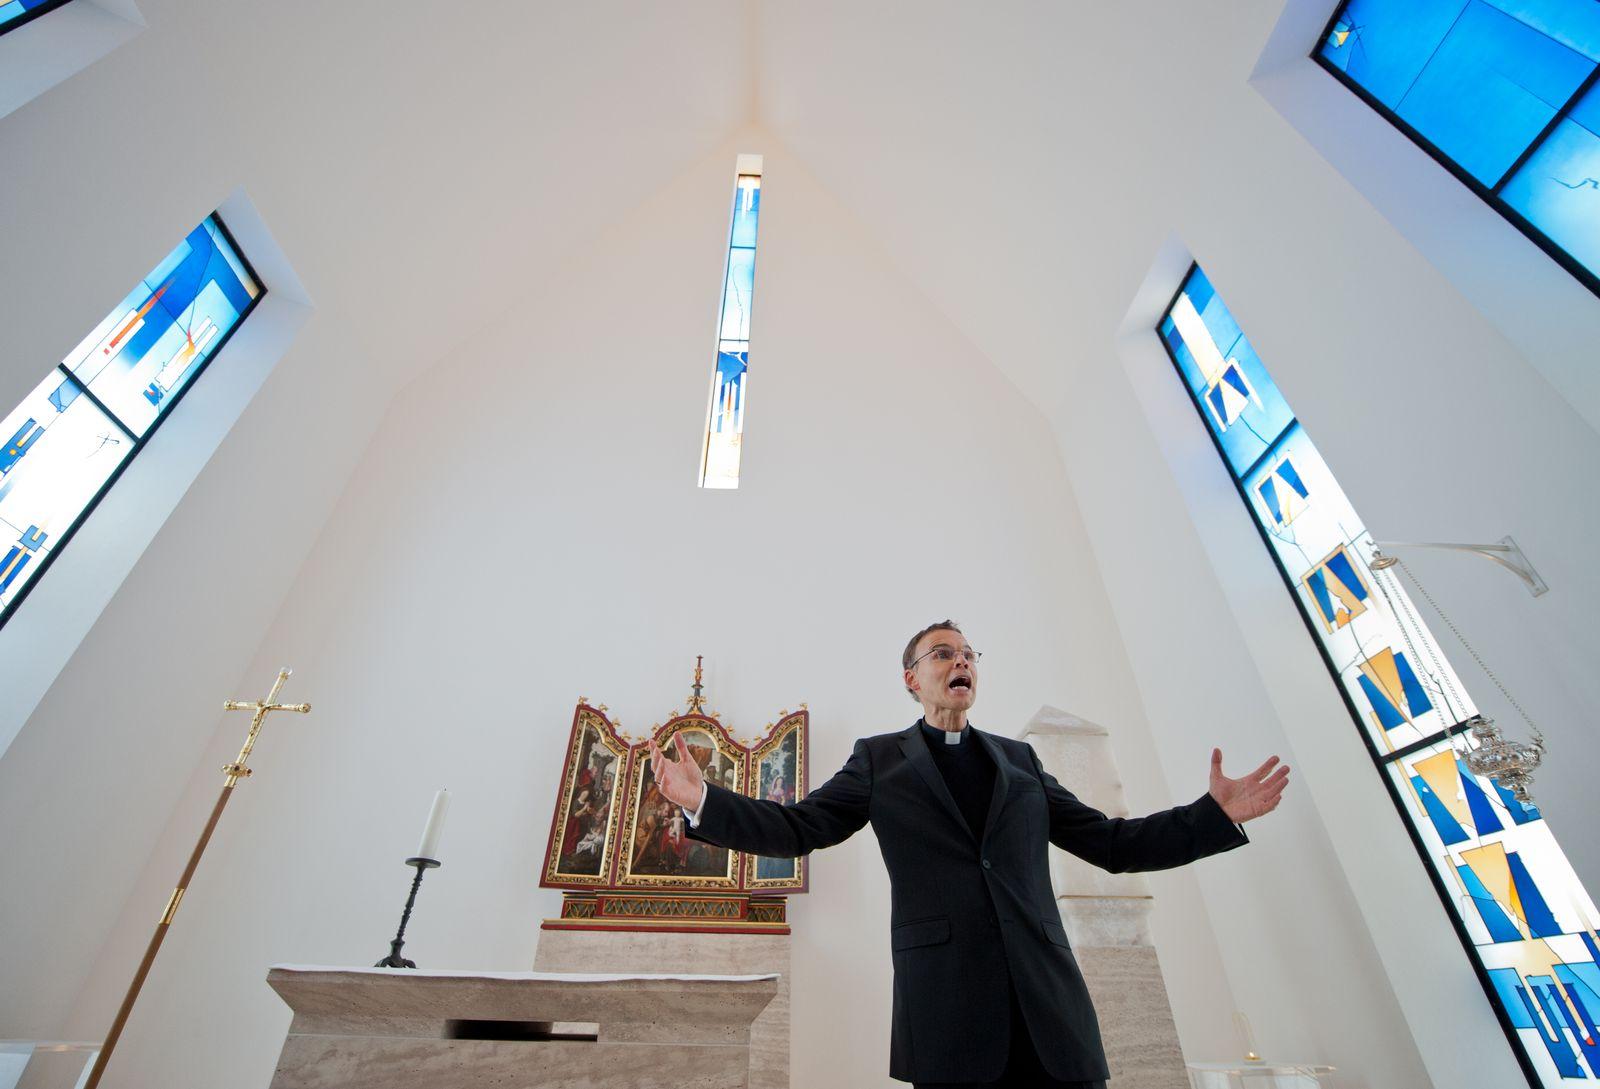 Bischof Tebartz van-Elst